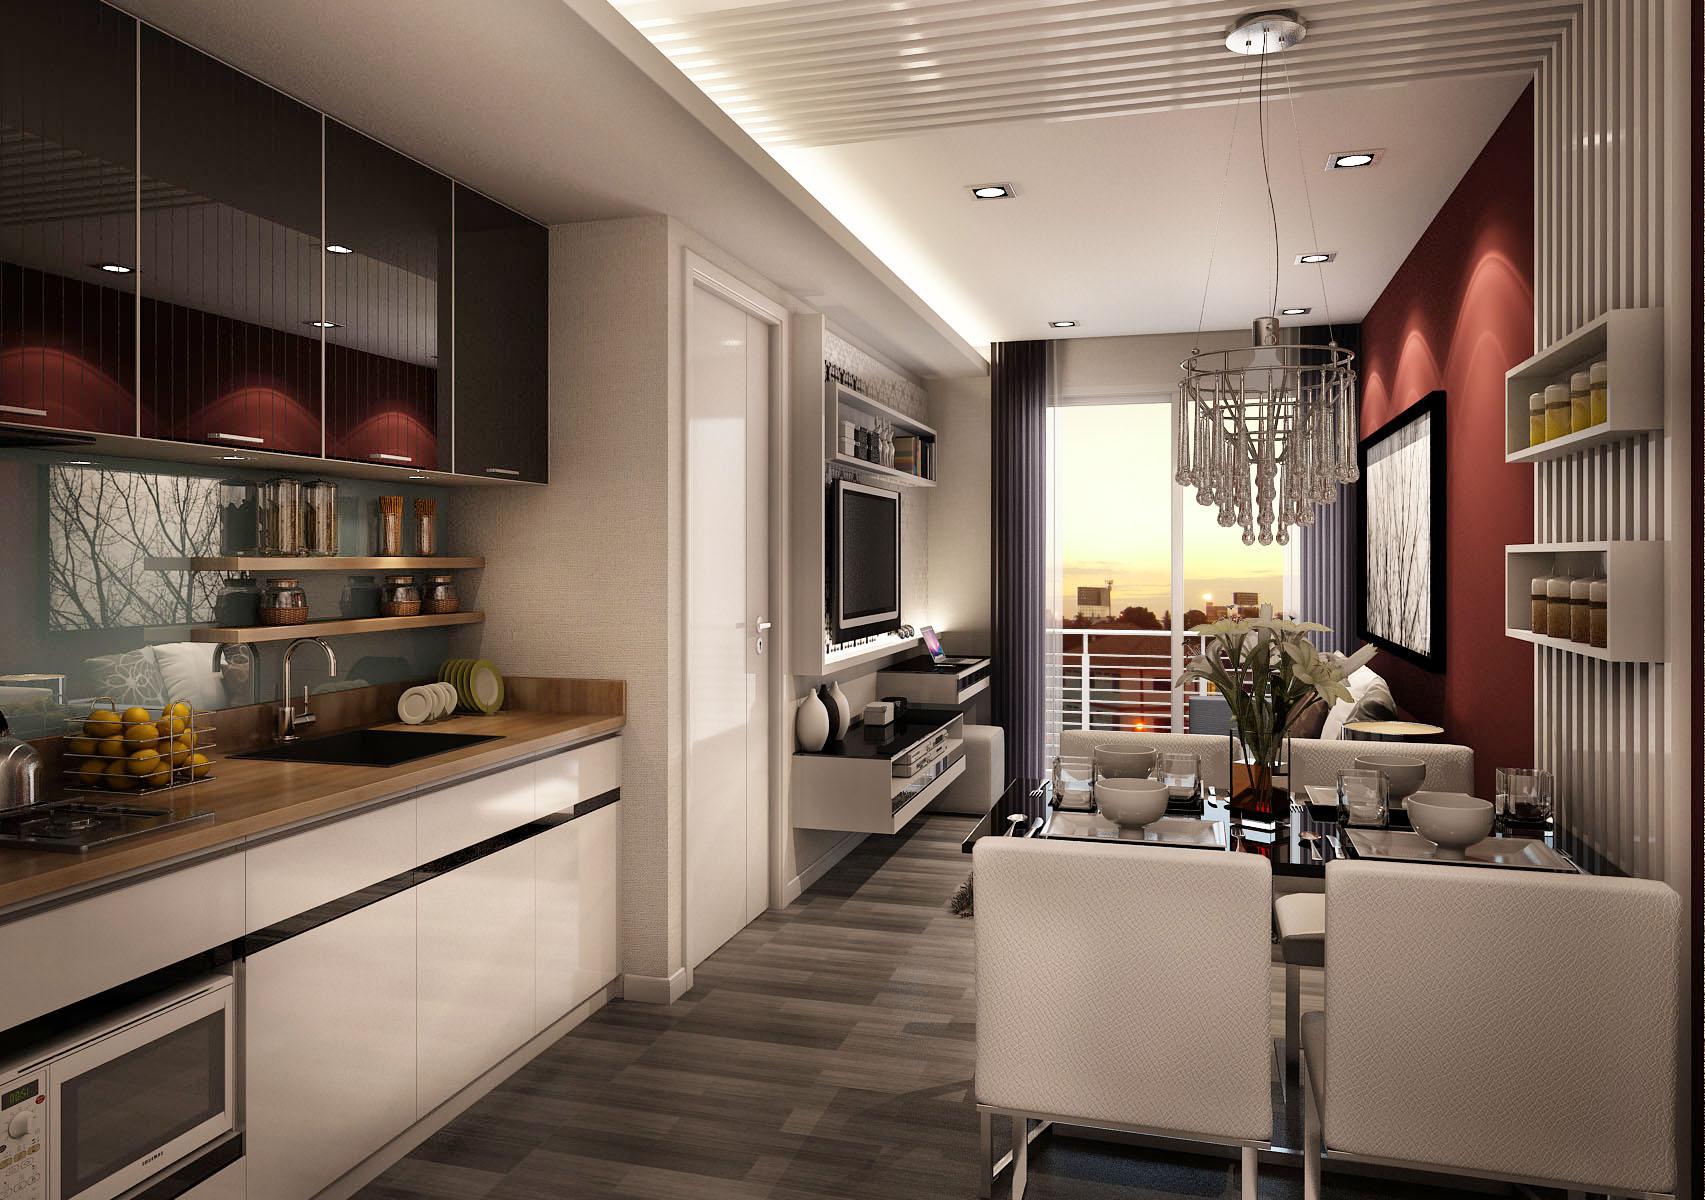 Дизайн кухни-гостиной 25 кв м - фото и проекты интерьера.